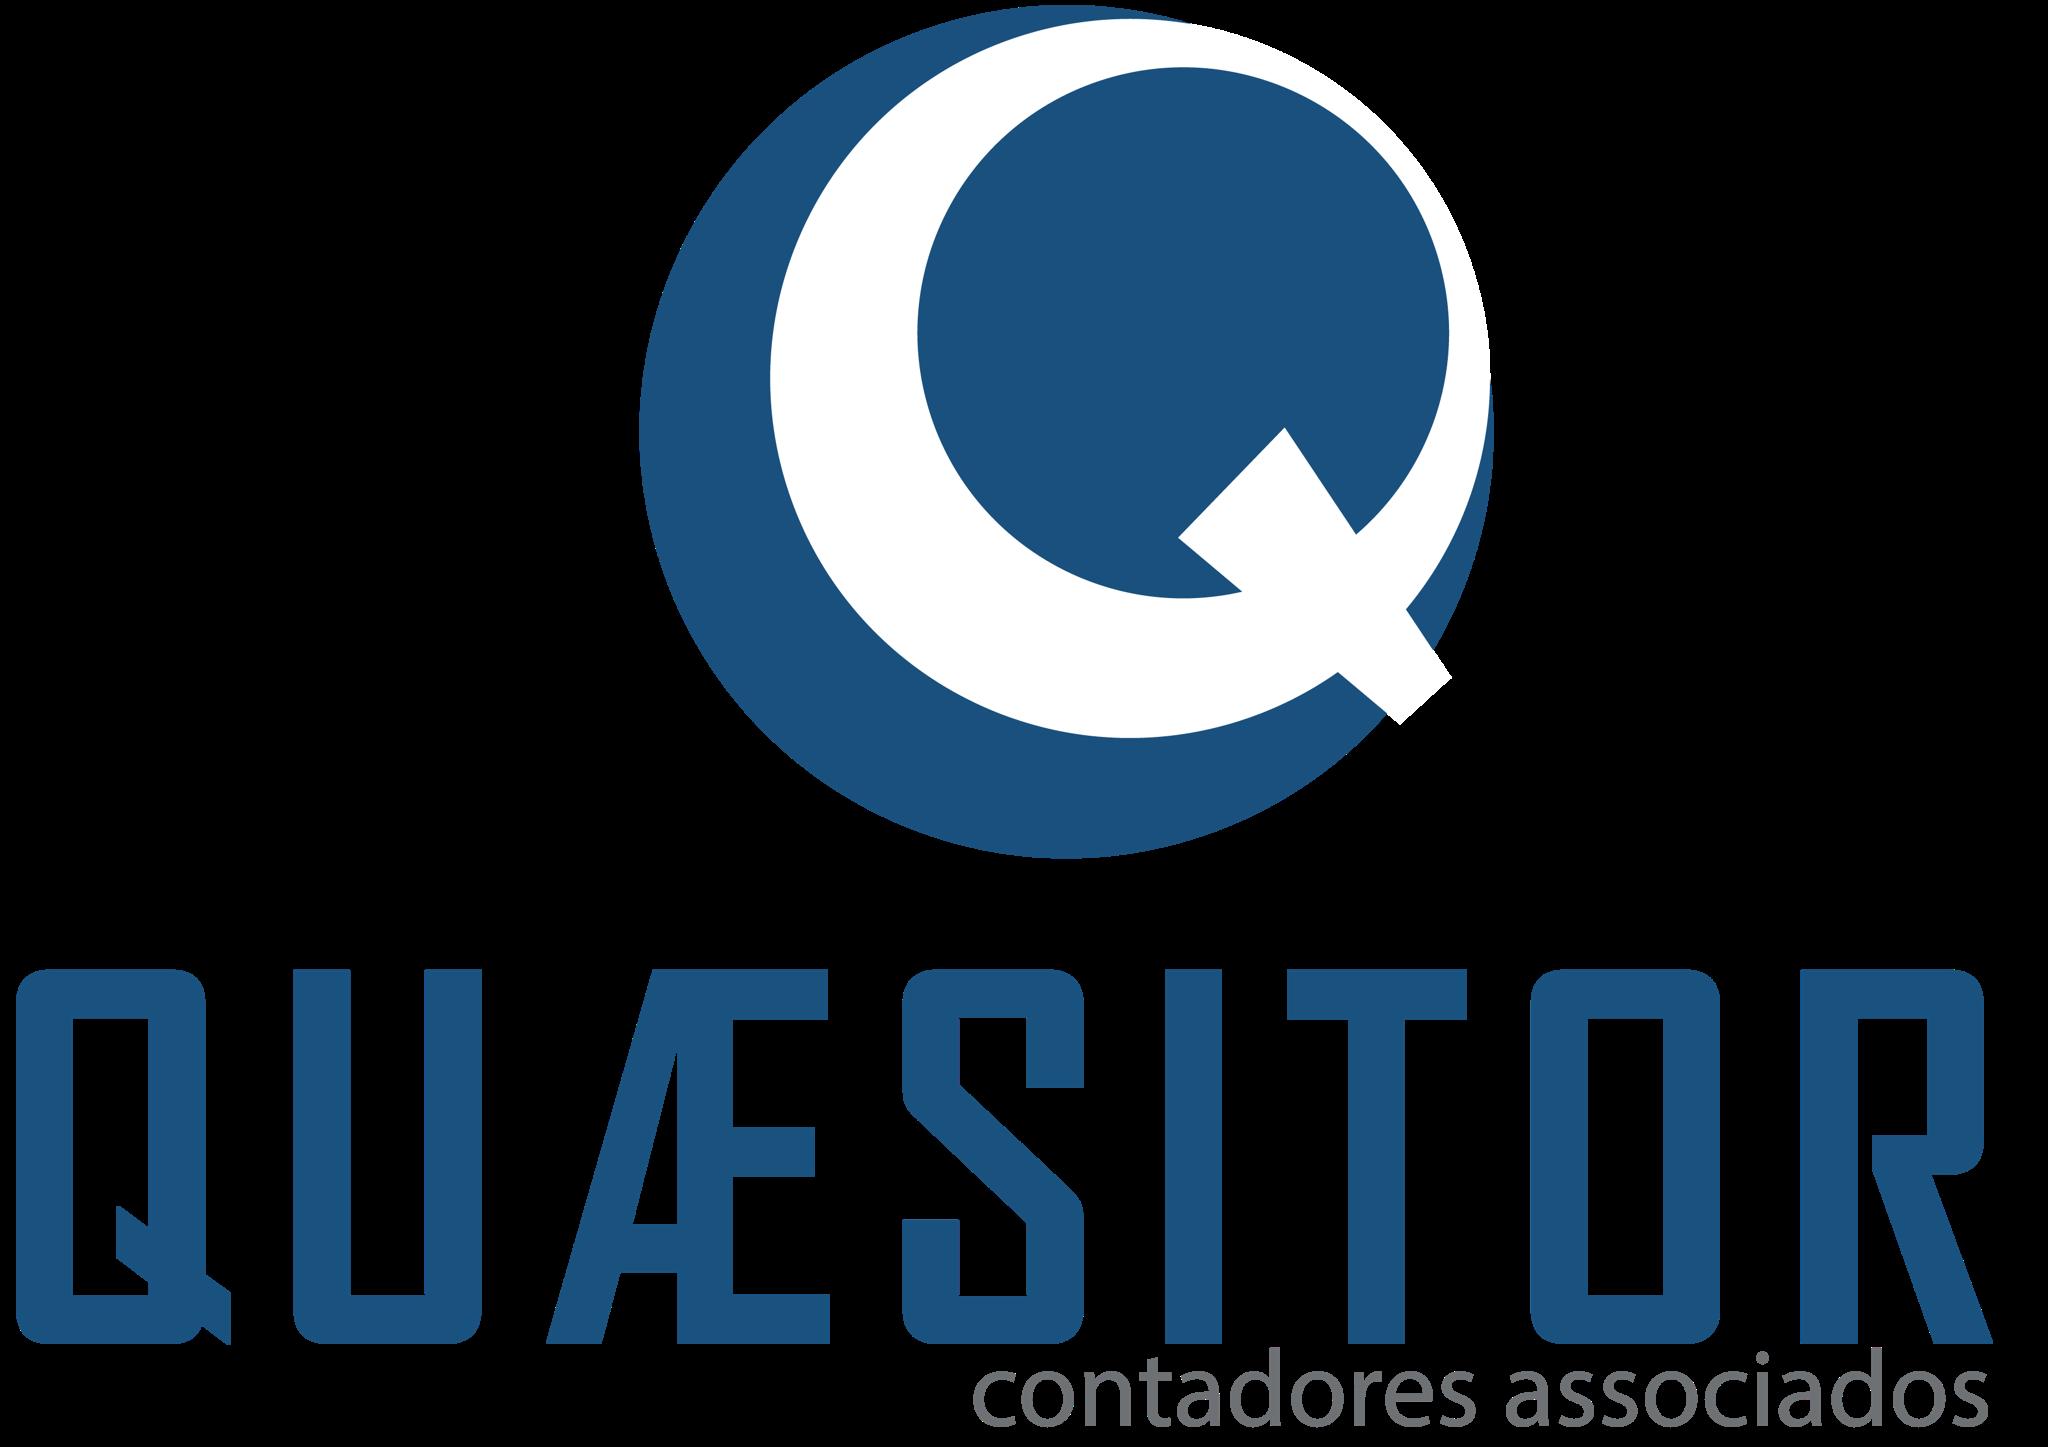 quaesitor.png